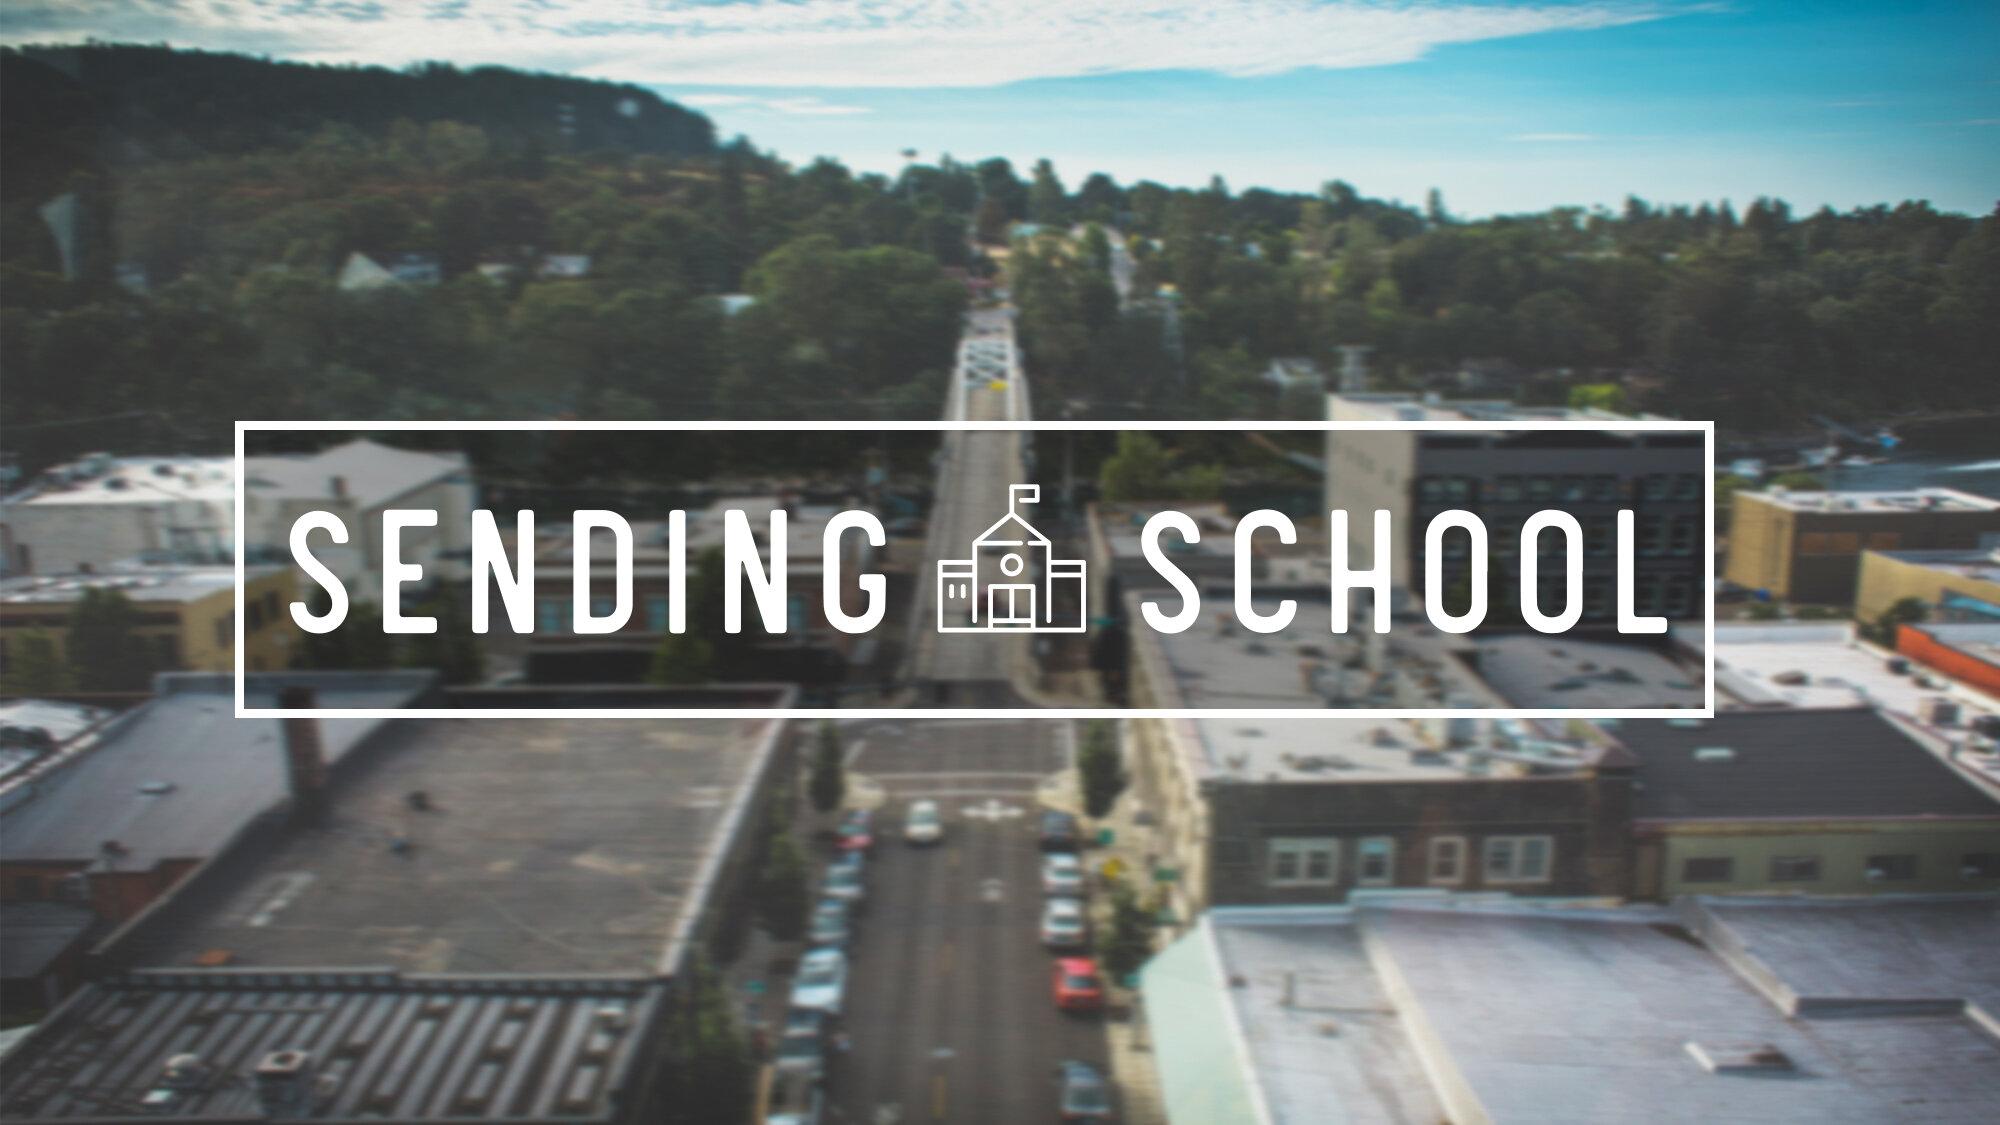 SendingSchool.jpg